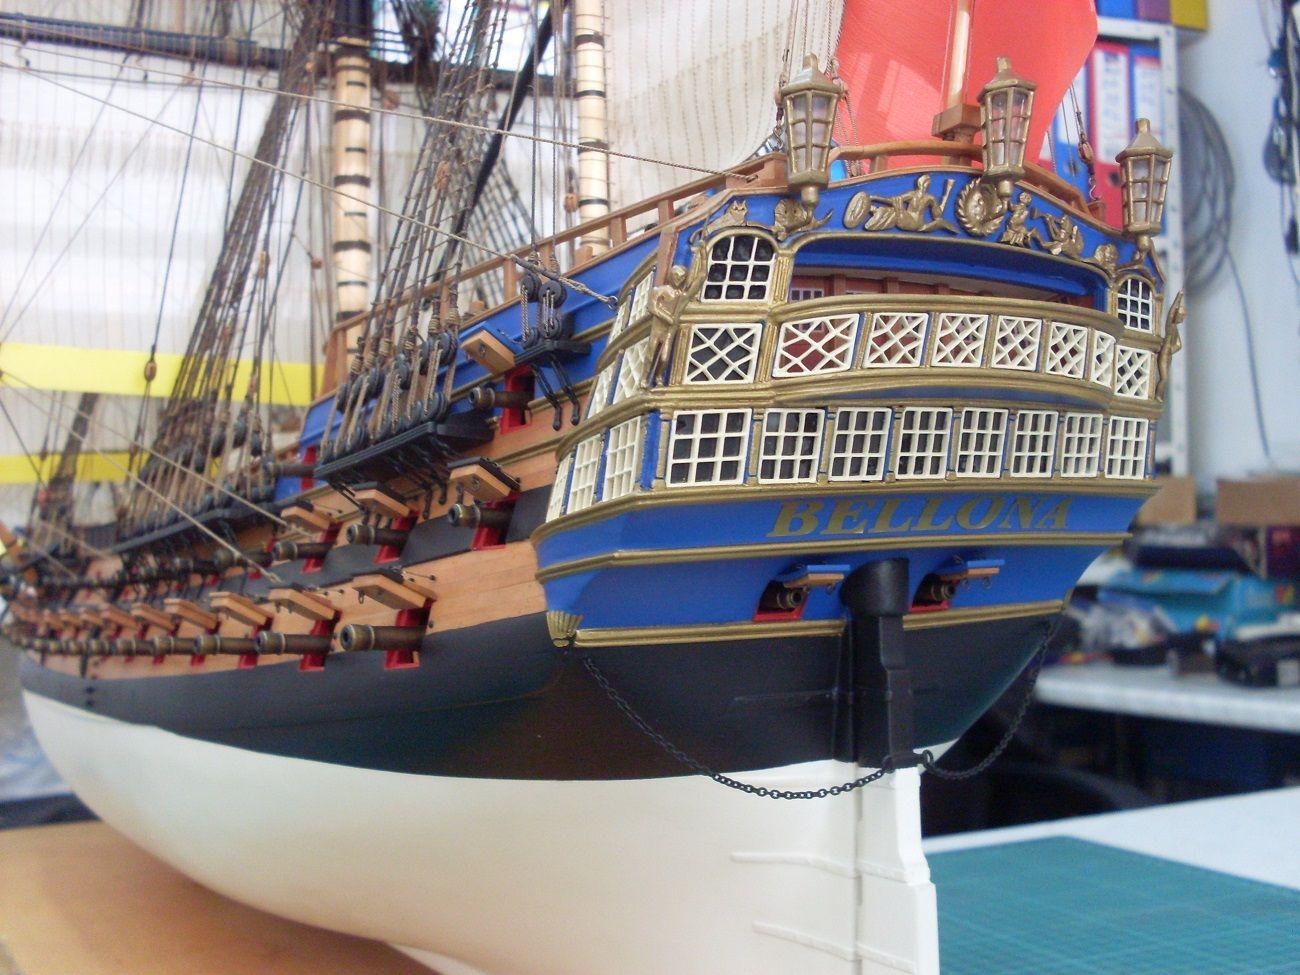 Настолните копия на действителни кораби не могат да се разглеждат отделно и затова при тях се провеждат изложби с конкурсен характер